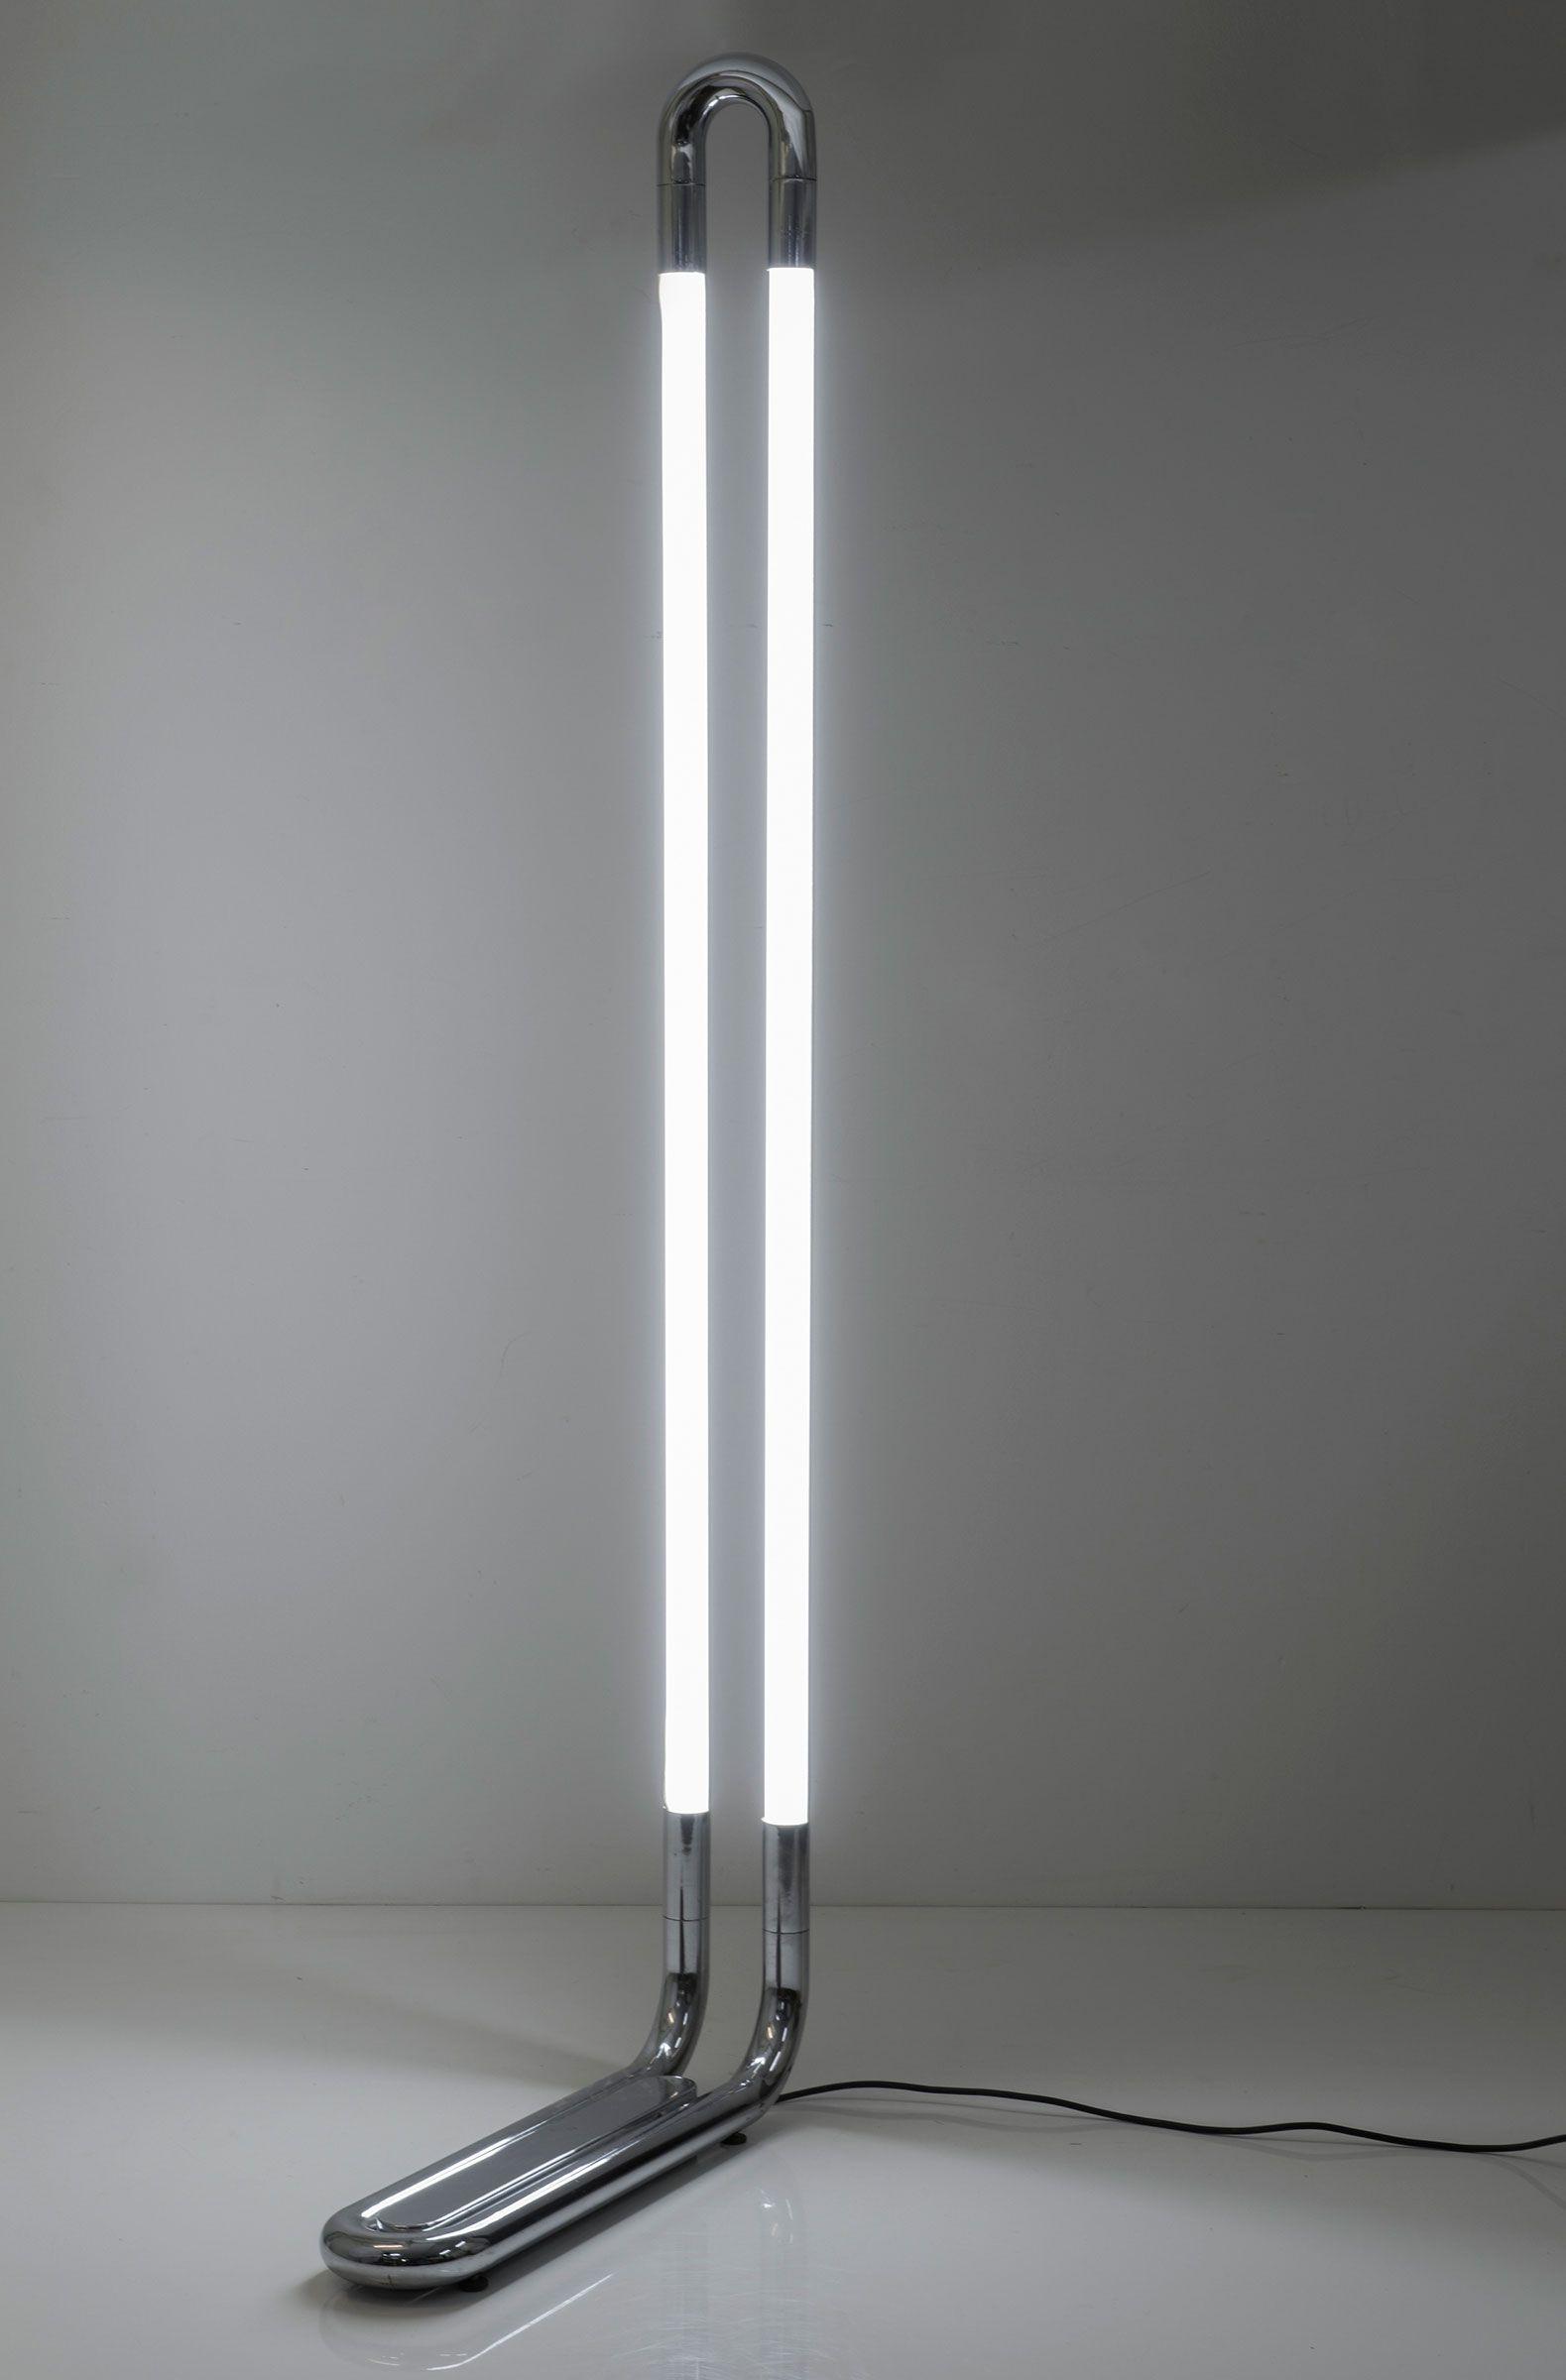 Cirkellamp TC6 Table Lamp by Aldo van den Nieuwelaar ...